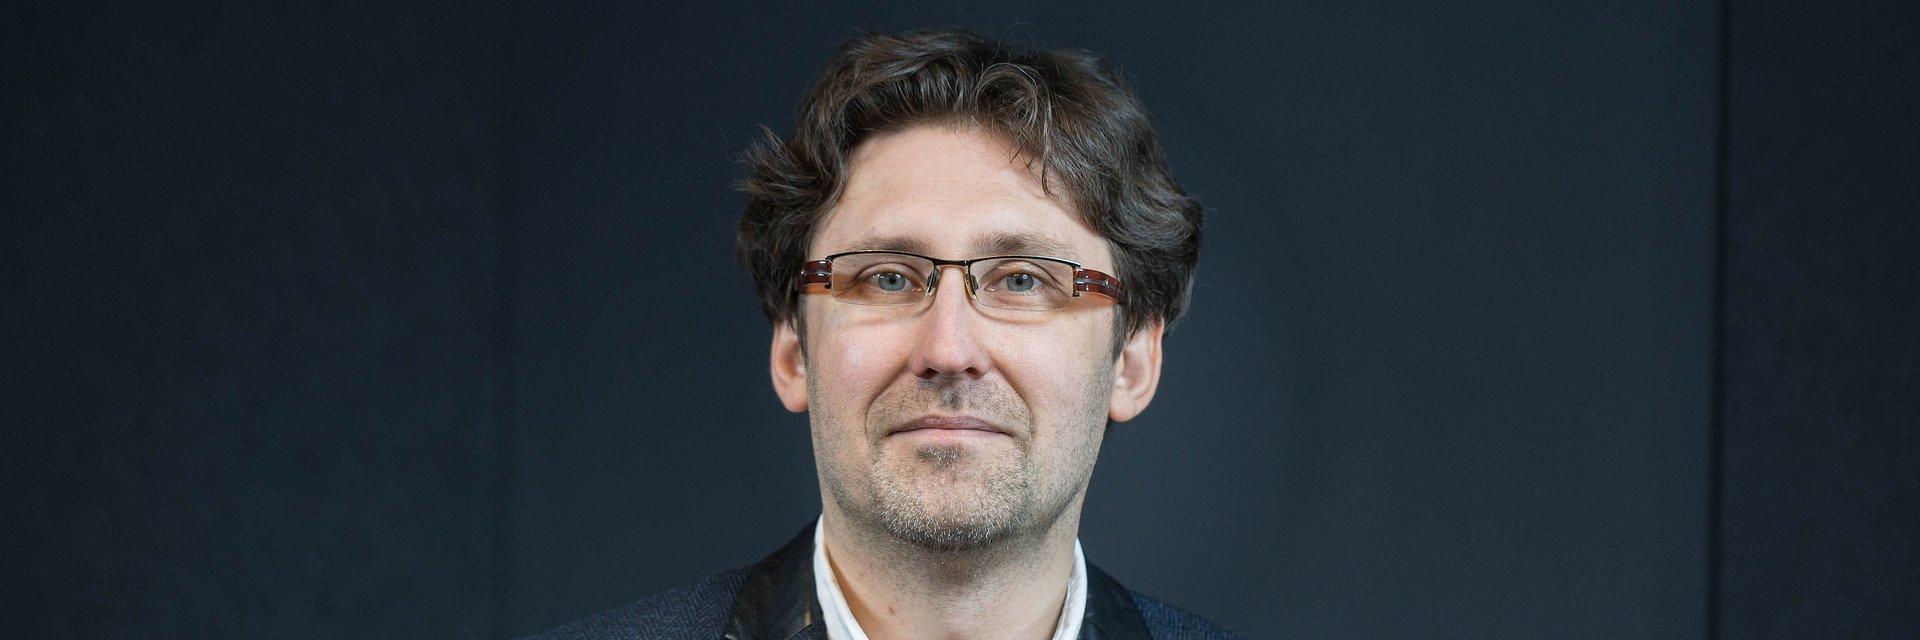 Dr hab. Stanisław Kosmynka - politologia